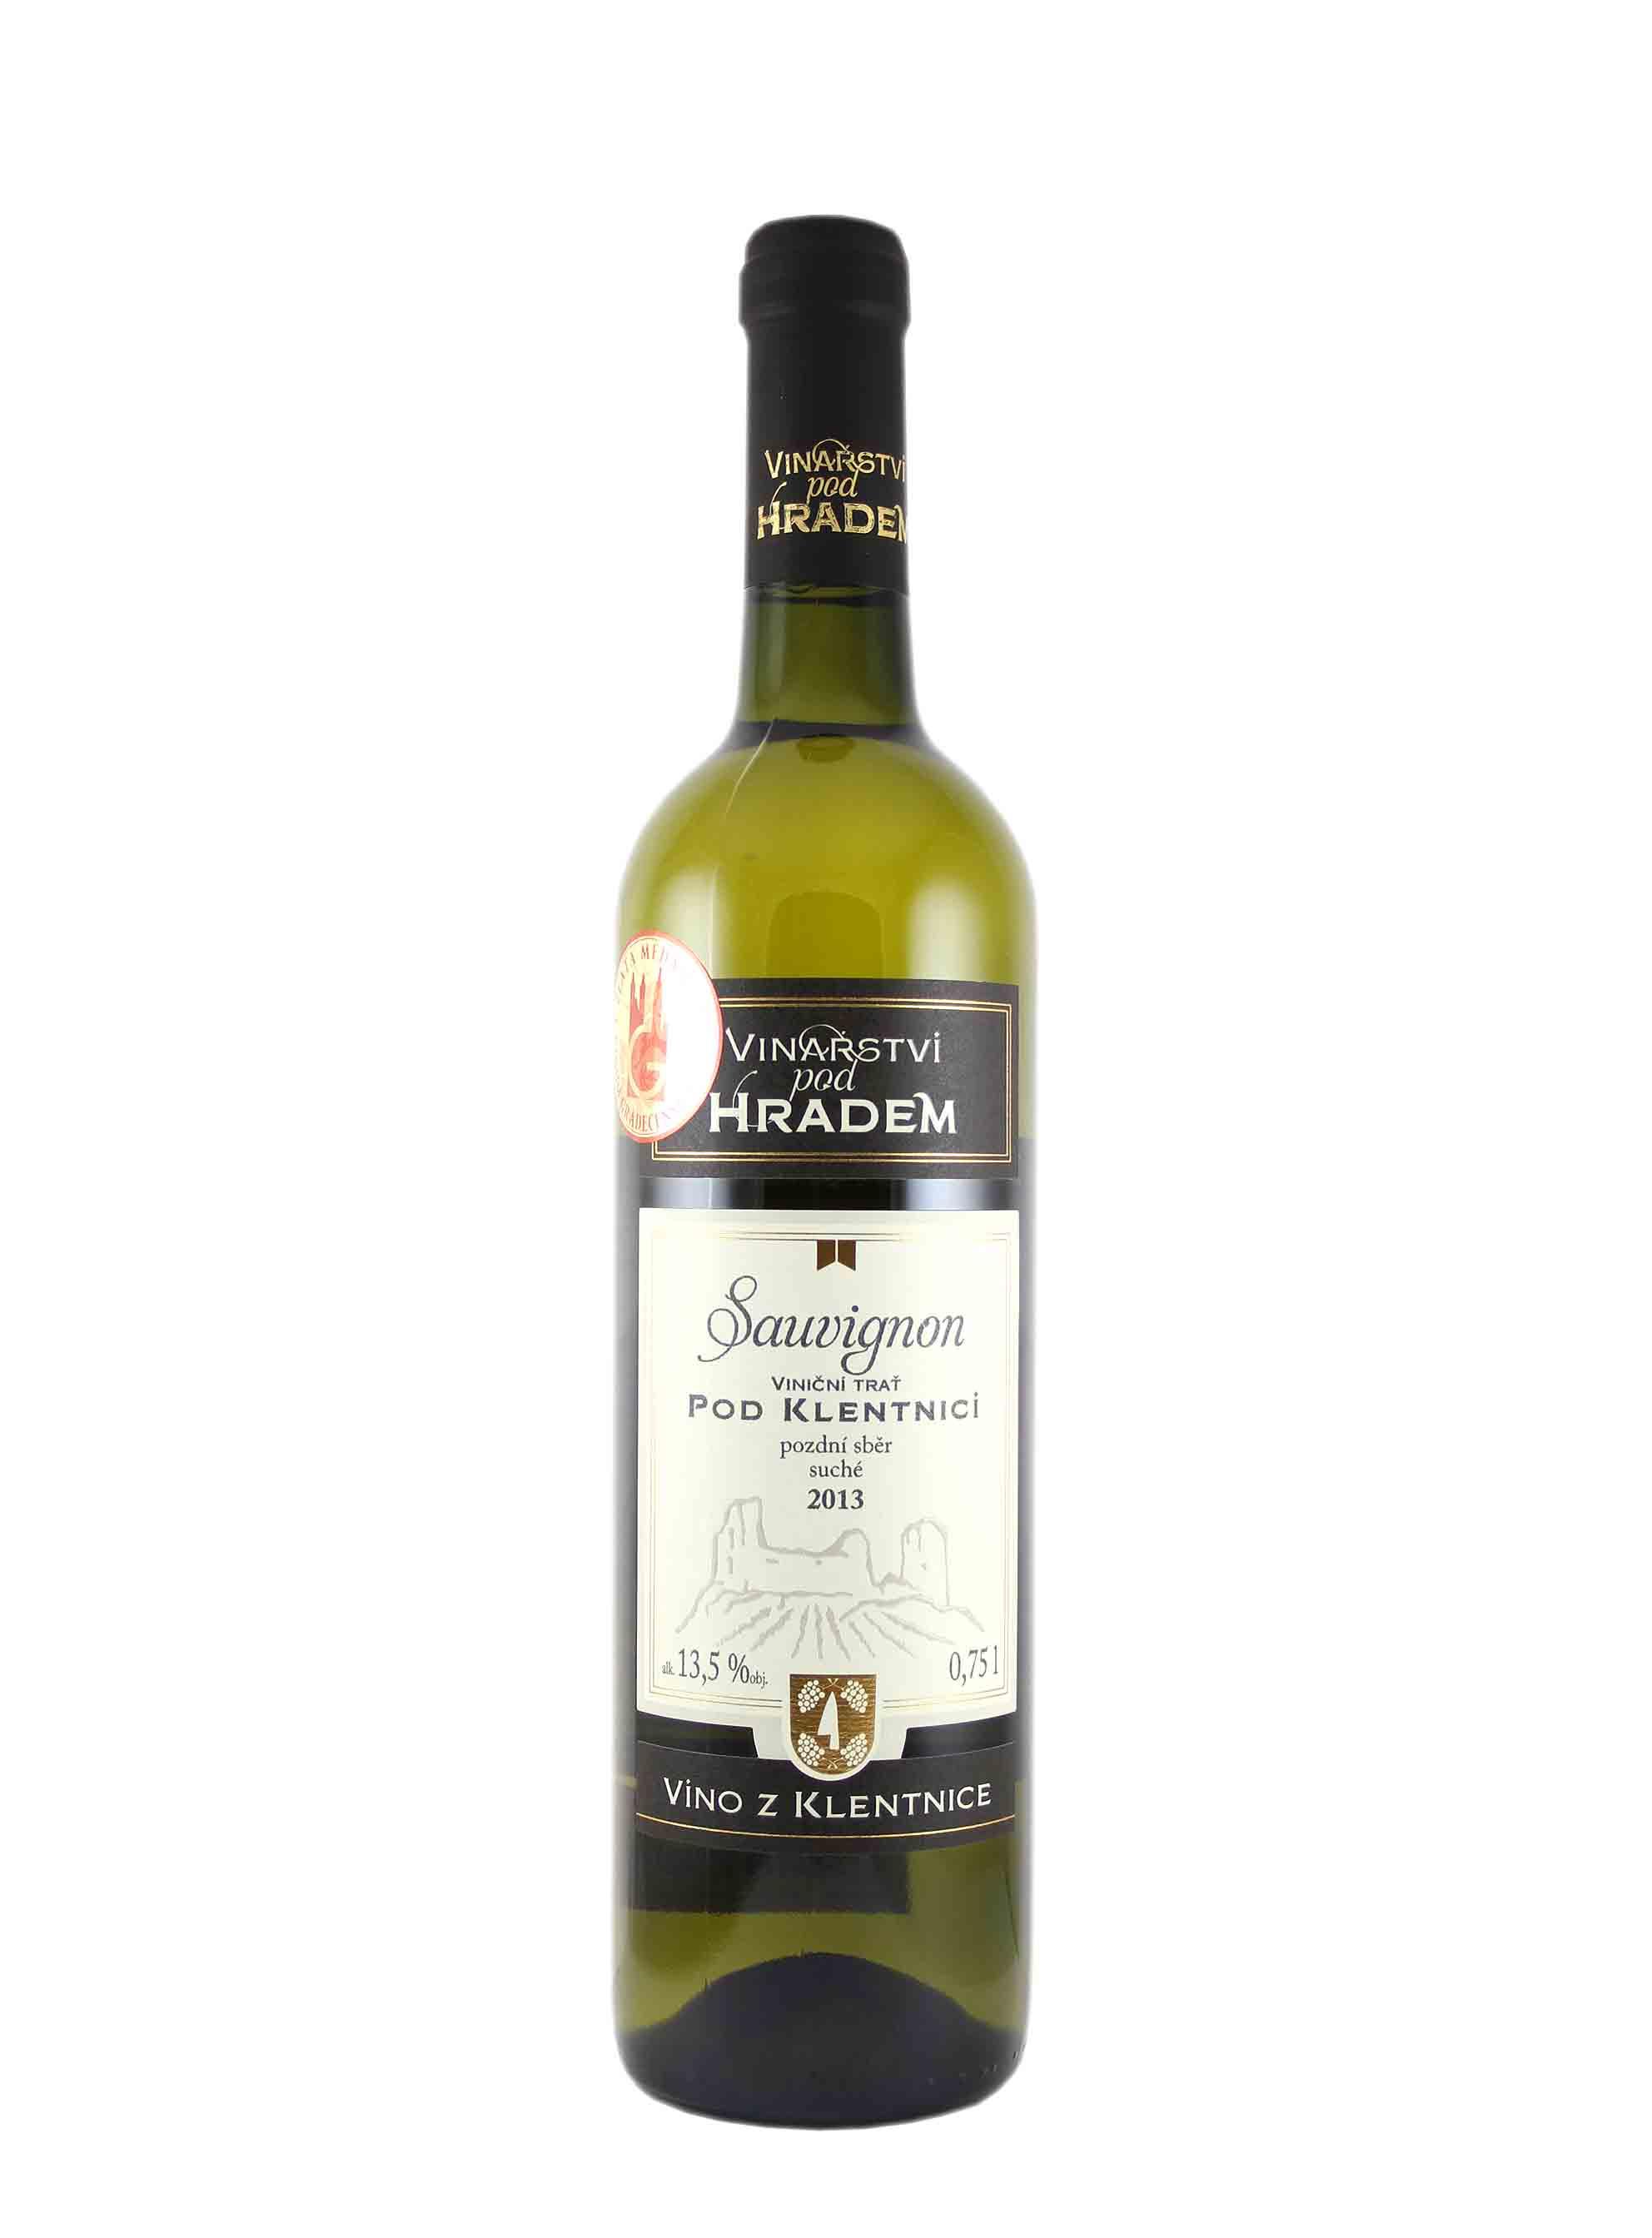 Sauvignon, Pozdní sběr, 2013, Vinařství pod Hradem, 0.75 l